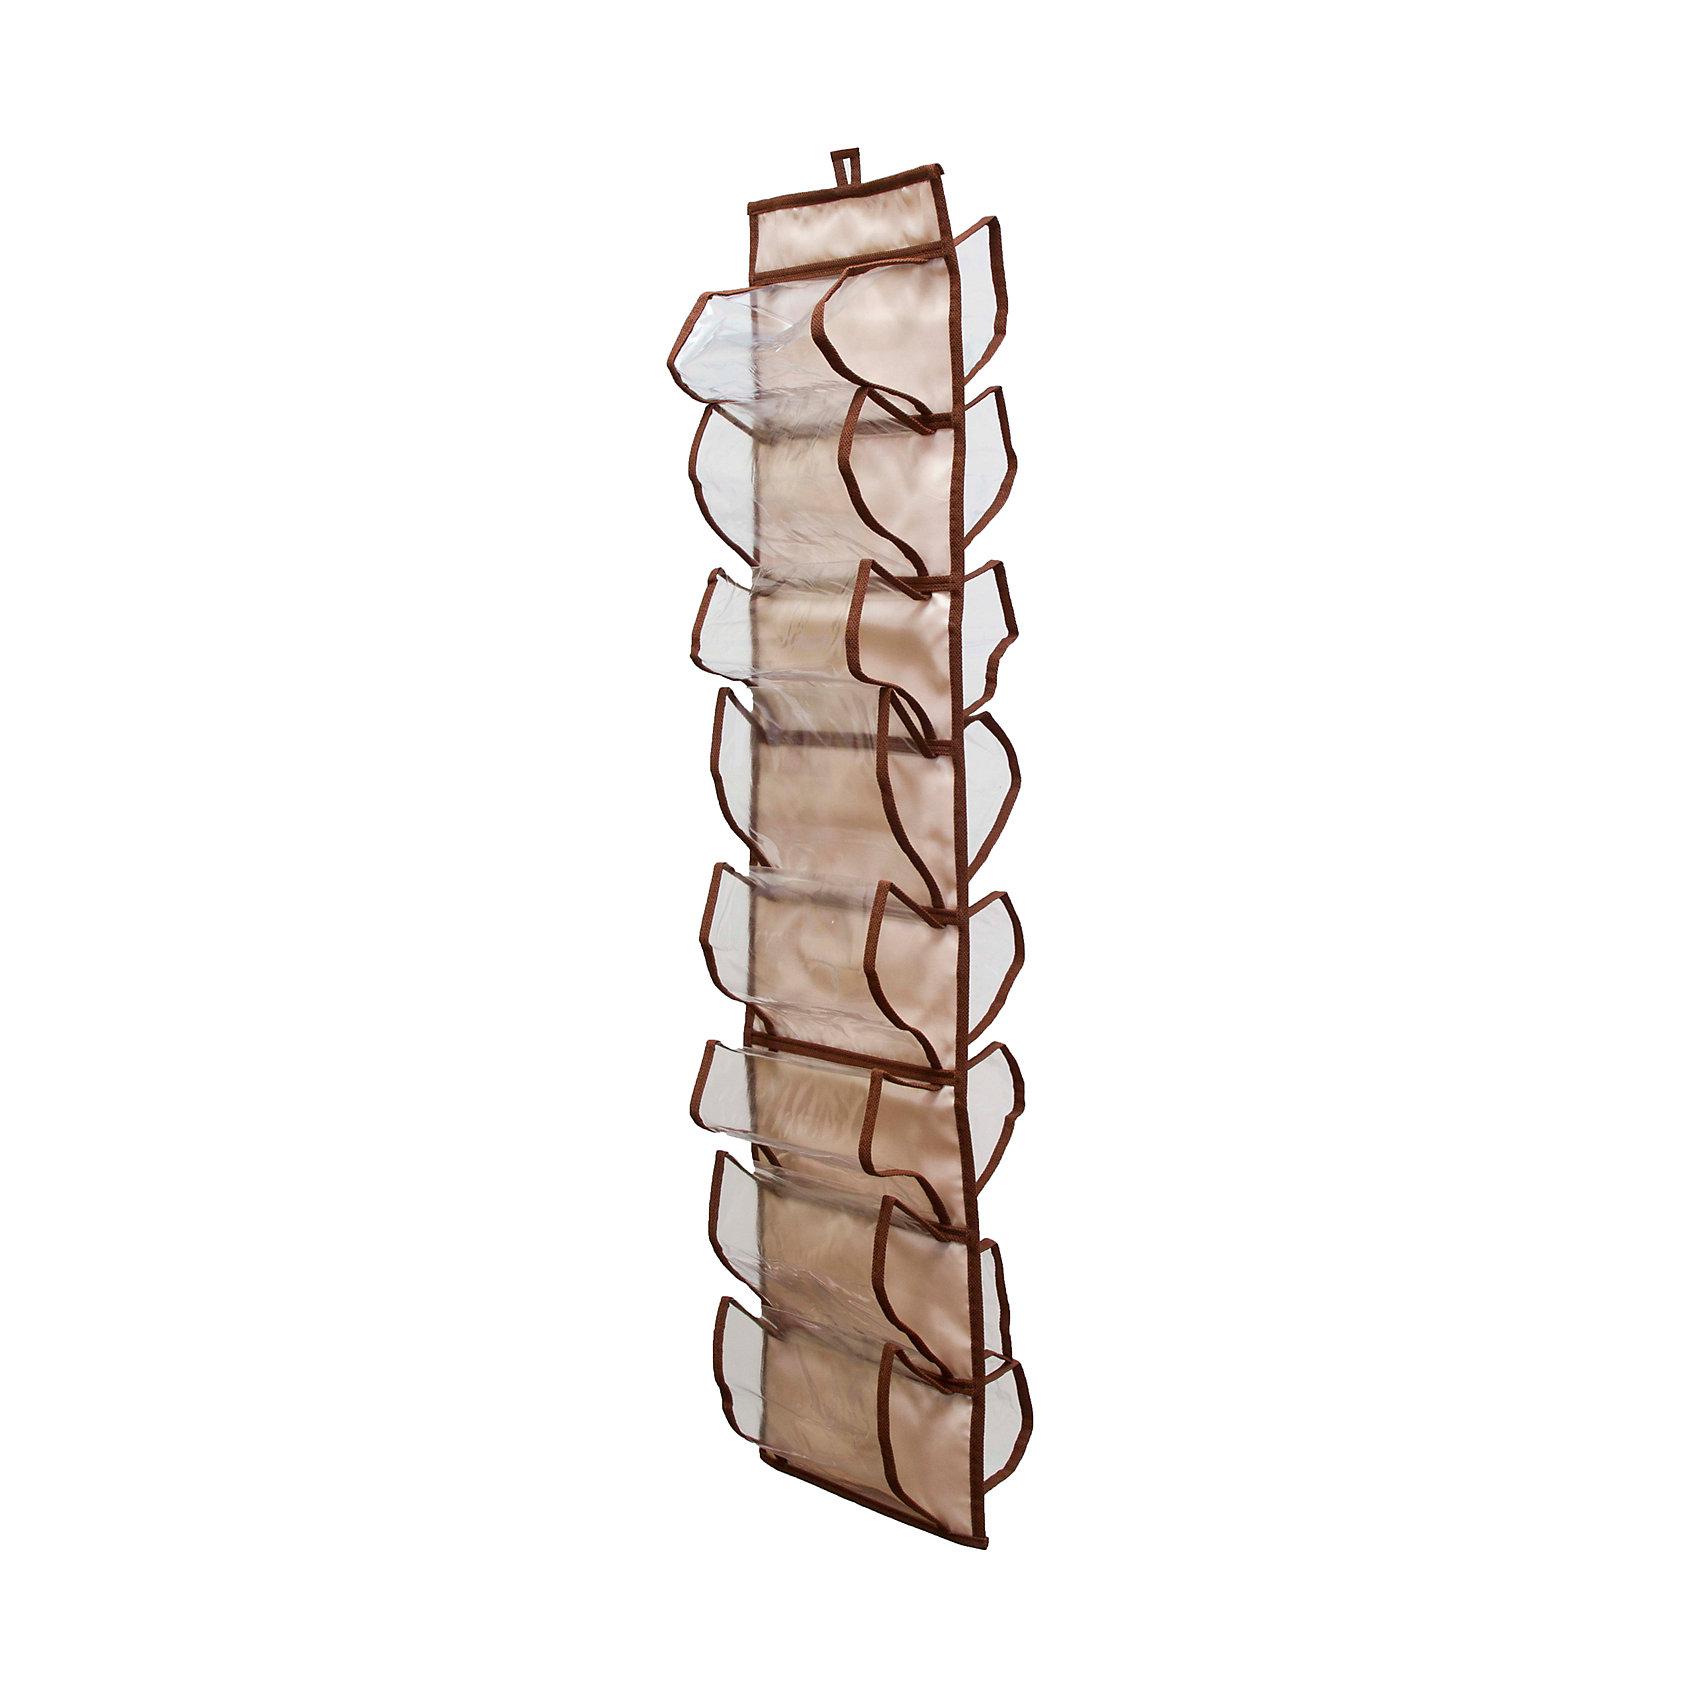 Органайзер для колготок, шарфов и мелочей Bora-Bora, HomsuПорядок в детской<br>Подвесной двусторонний органайзер имеет 16 раздельных ячеек размером 8Х15см, очень удобен для хранения мелких вещей в вашем шкафу. Идеально для колготок, шарфов, мелочей и других вещей ежедневного пользования.<br><br>Ширина мм: 300<br>Глубина мм: 220<br>Высота мм: 20<br>Вес г: 200<br>Возраст от месяцев: 216<br>Возраст до месяцев: 1188<br>Пол: Унисекс<br>Возраст: Детский<br>SKU: 5620197